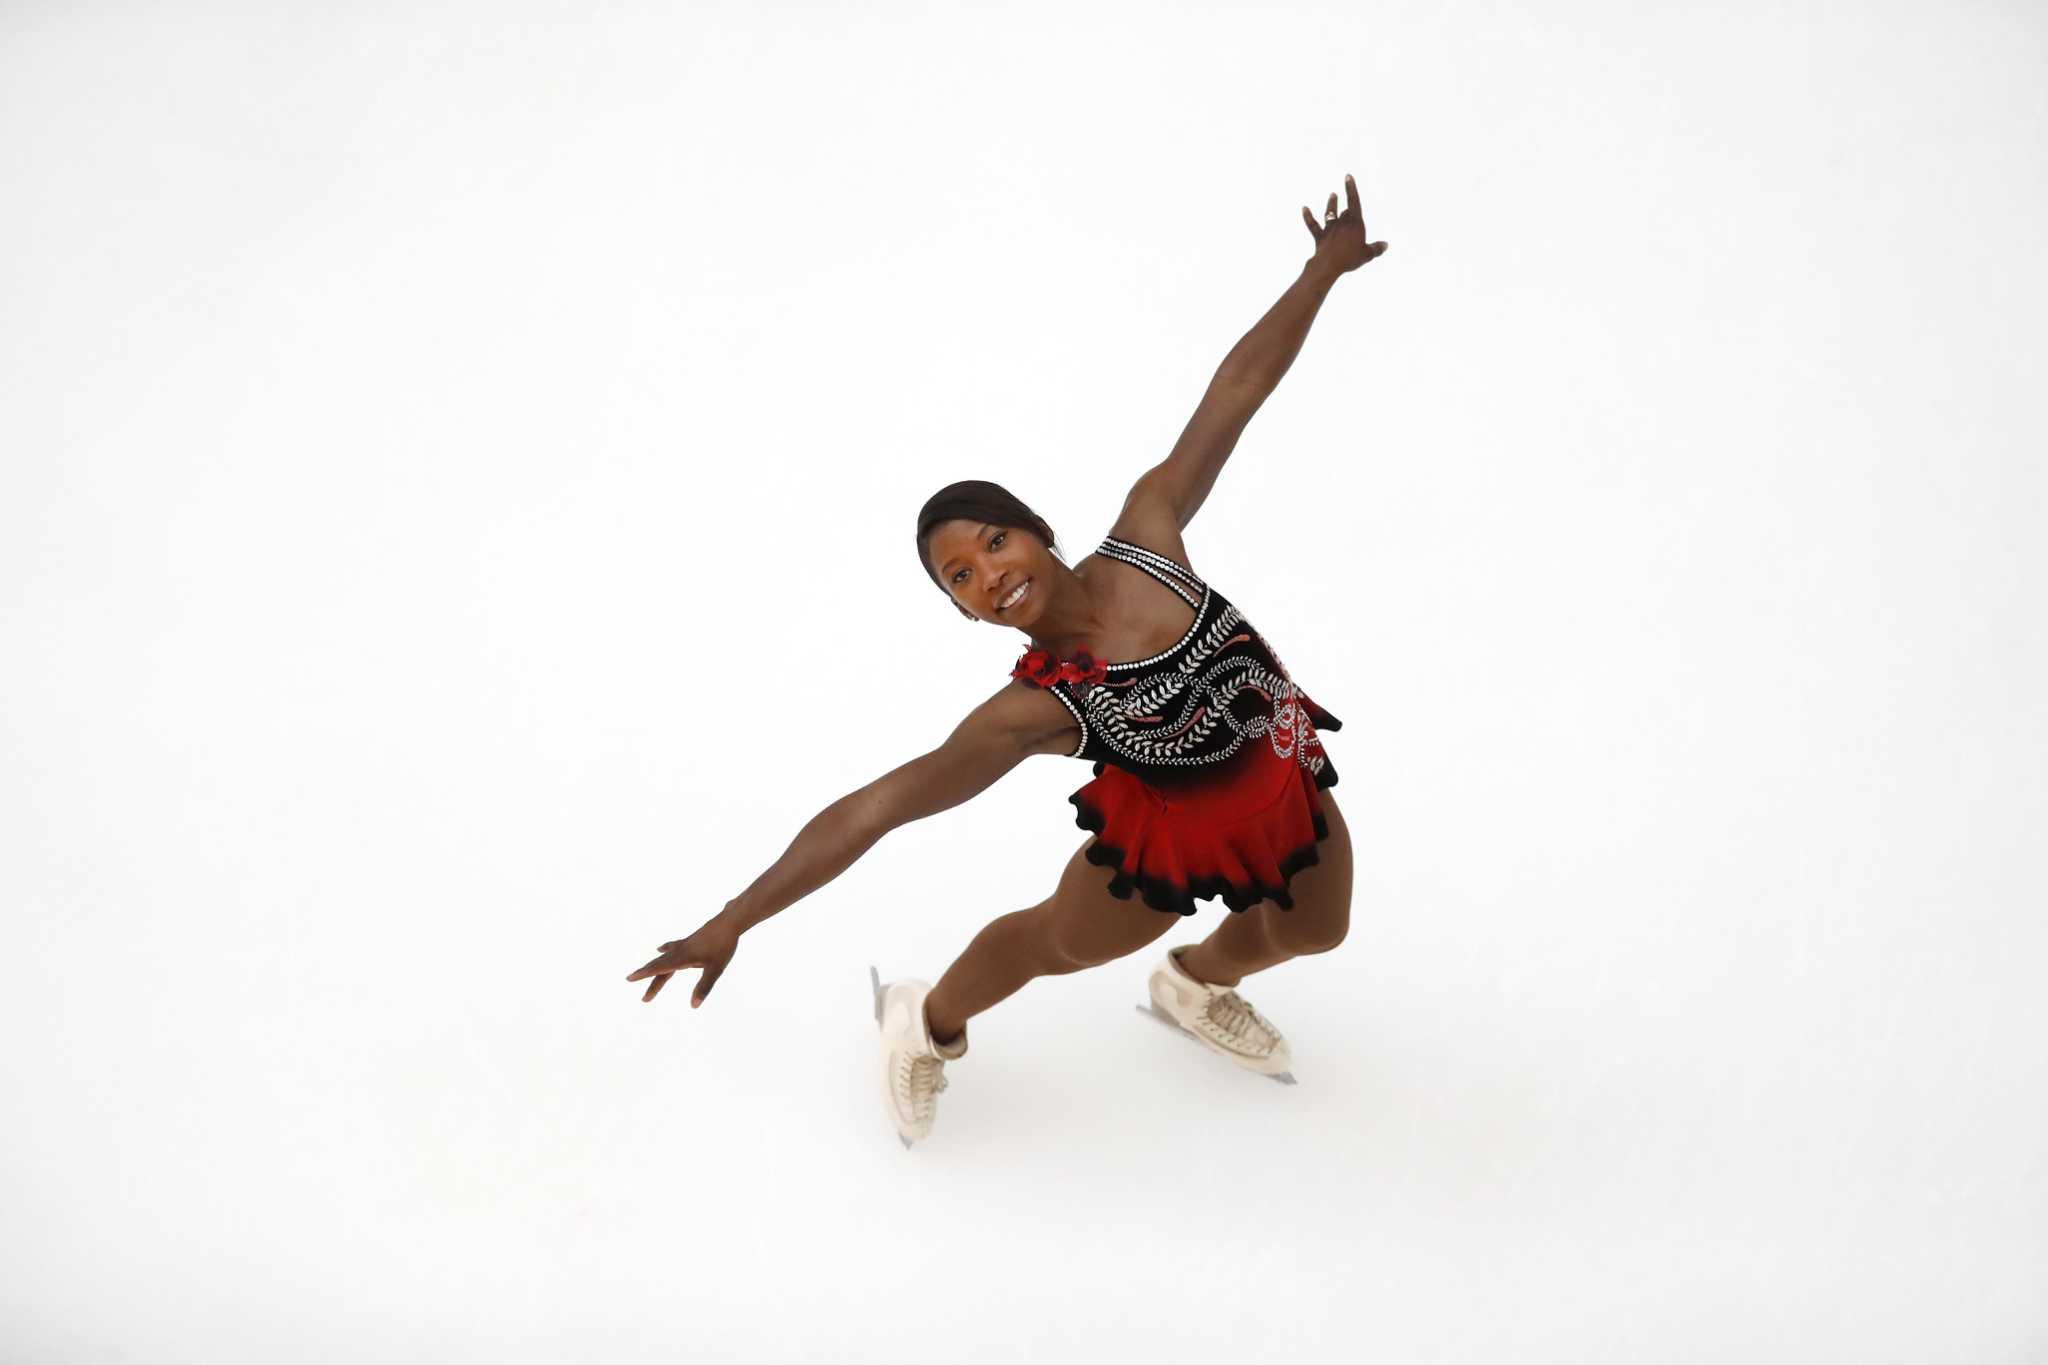 Galleria coach overcame a rare heart condition to become a figure skater